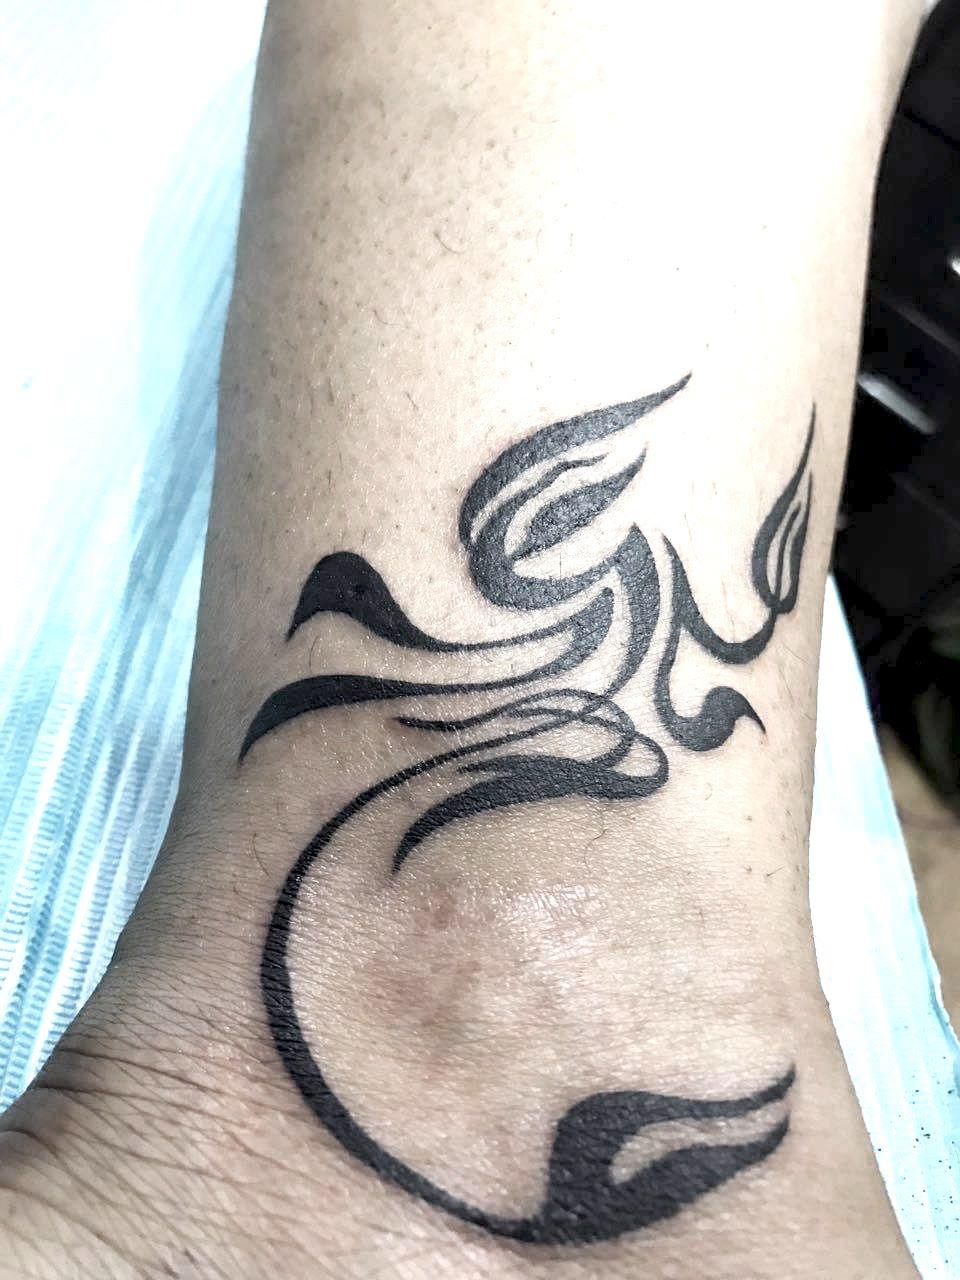 Yus Gurkha Tattoo Family Indra Bahadur4 (6)